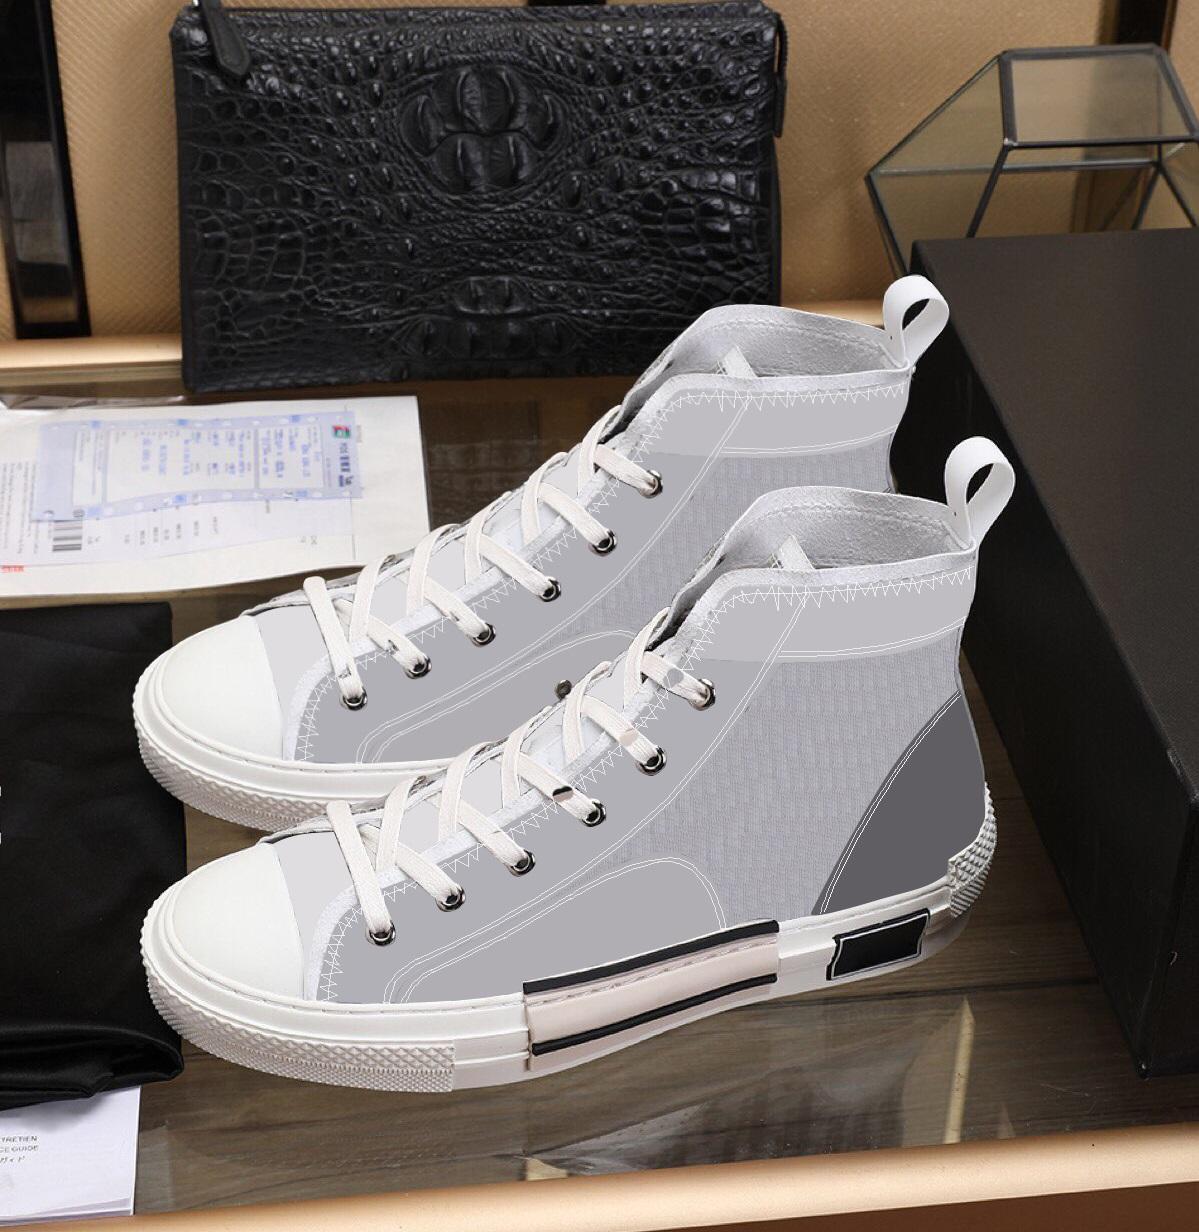 2020 neue limitierte Edition individuell bedruckte Leinenschuhe, Art und Weise vielseitig hohe und niedrige Schuhe, mit der Lieferung der Originalverpackung Schuhkarton 34-45